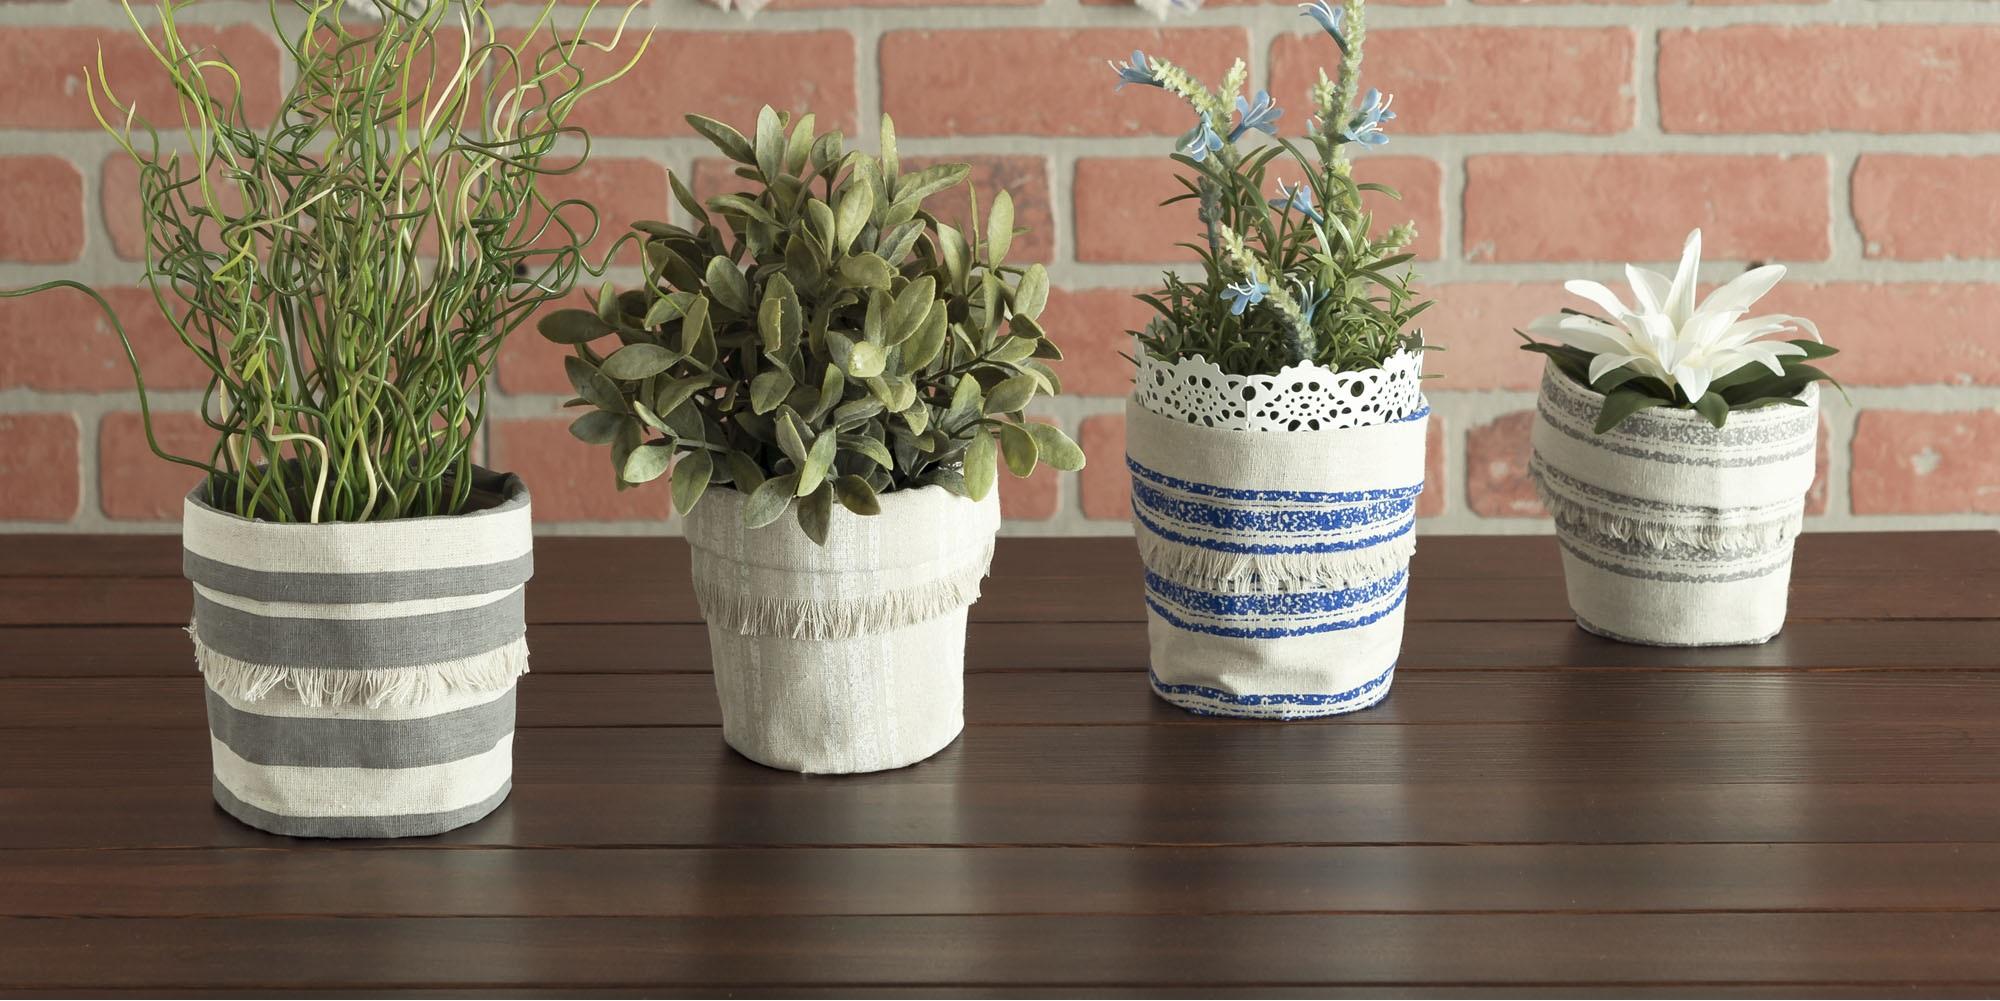 Wholesale Floral Wraps